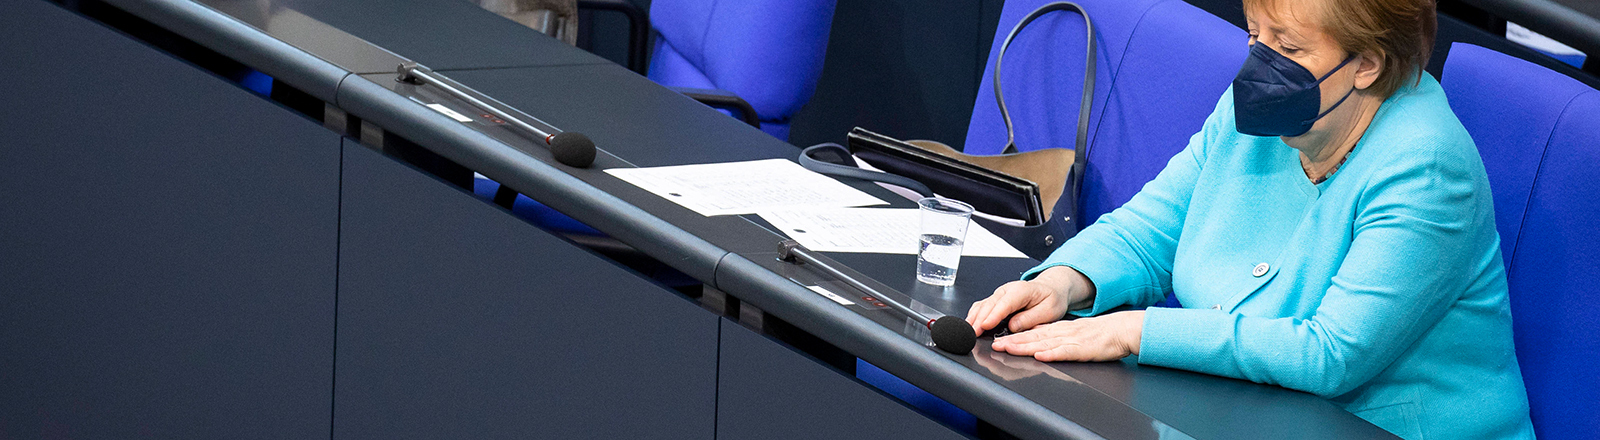 Angela Merkel hält ihre voraussichtlich letzte Regierungserklärung im Bundestag; vorab sitzt auf einem Stuhl und blickt auf ihre Hände, Augen geschlossen (24. Juni 2021)